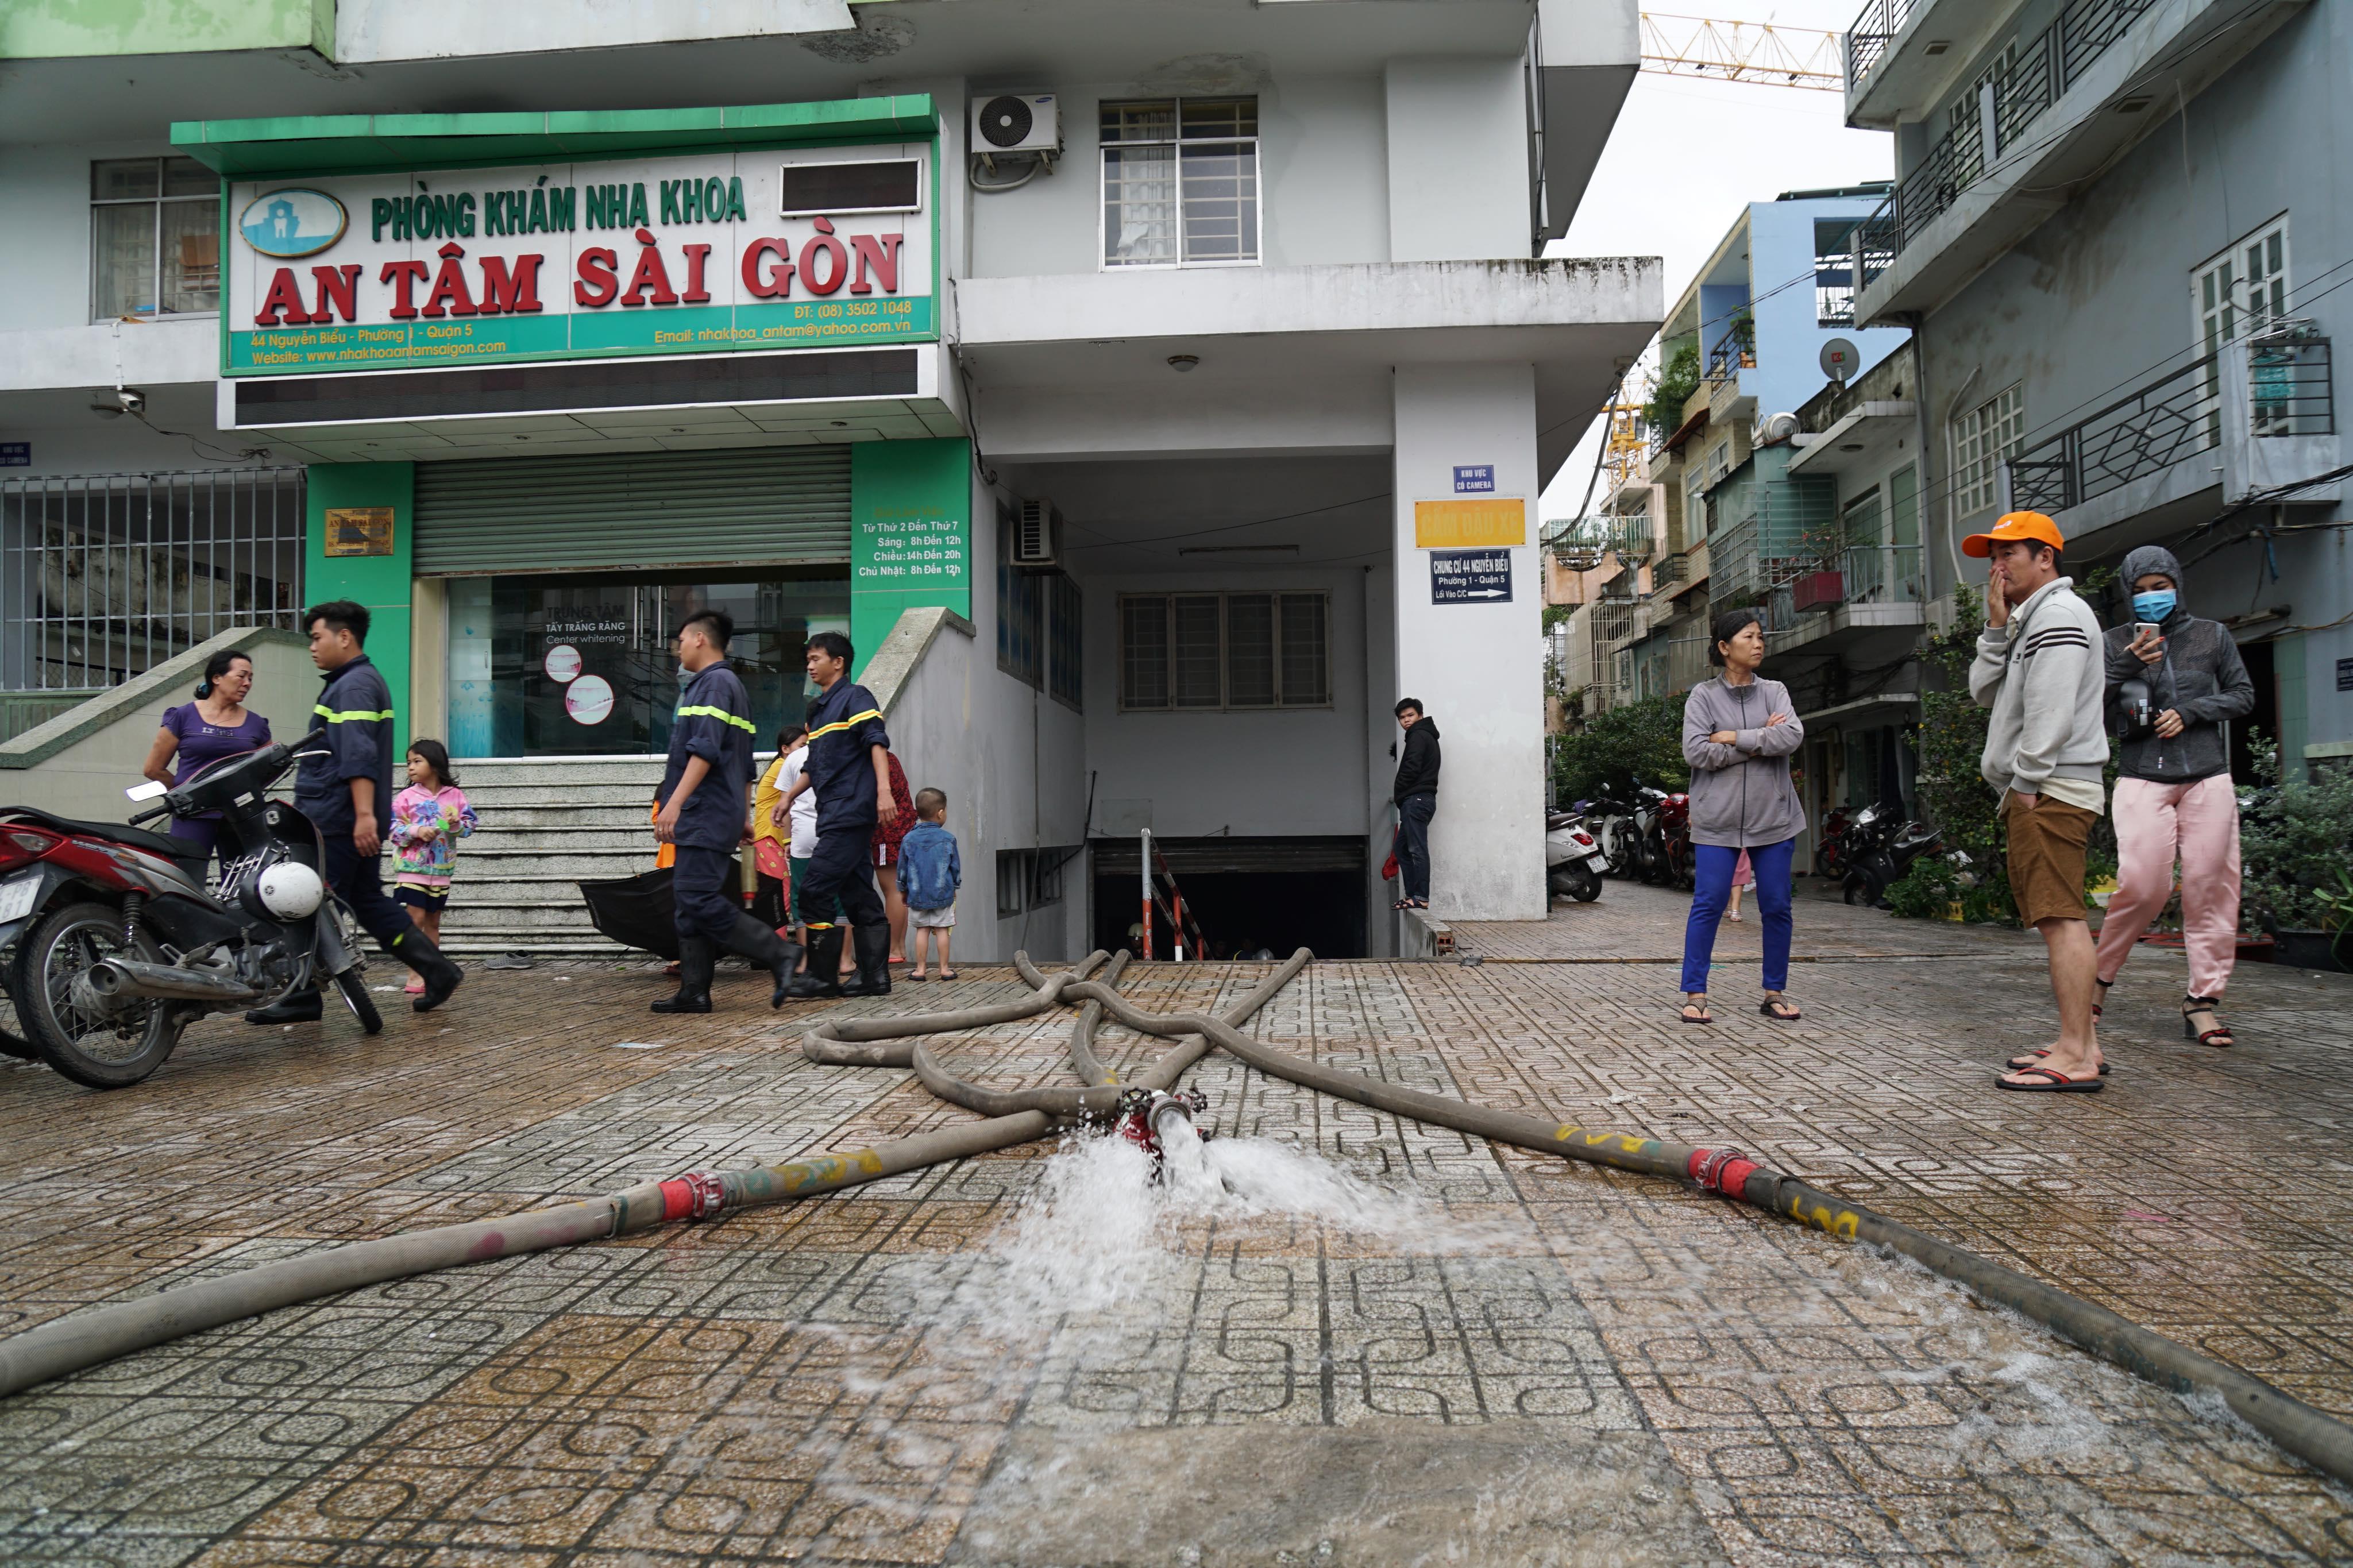 TPHCM ngập, giao thông ùn ứ sau cơn mưa kéo dài do ảnh hưởng bão số 9 ảnh 21